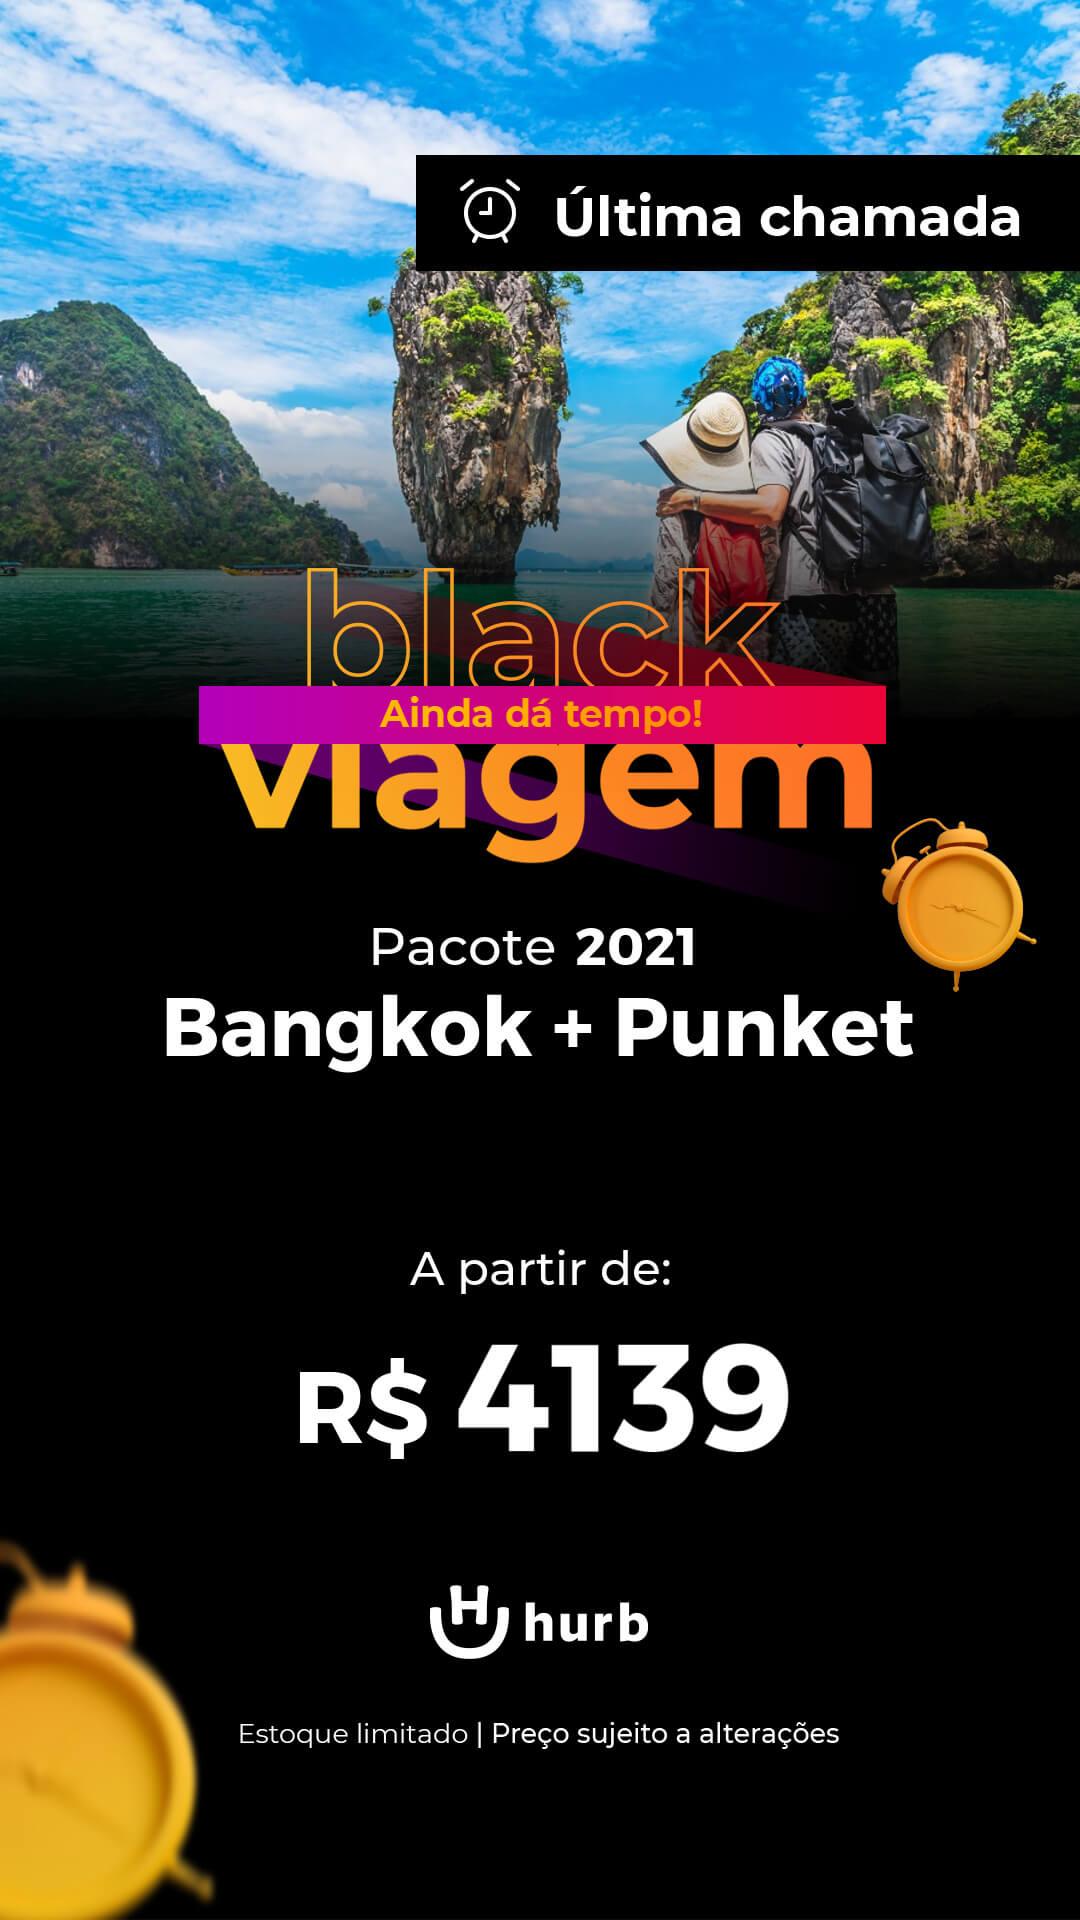 pacote bangkok phuket 2021